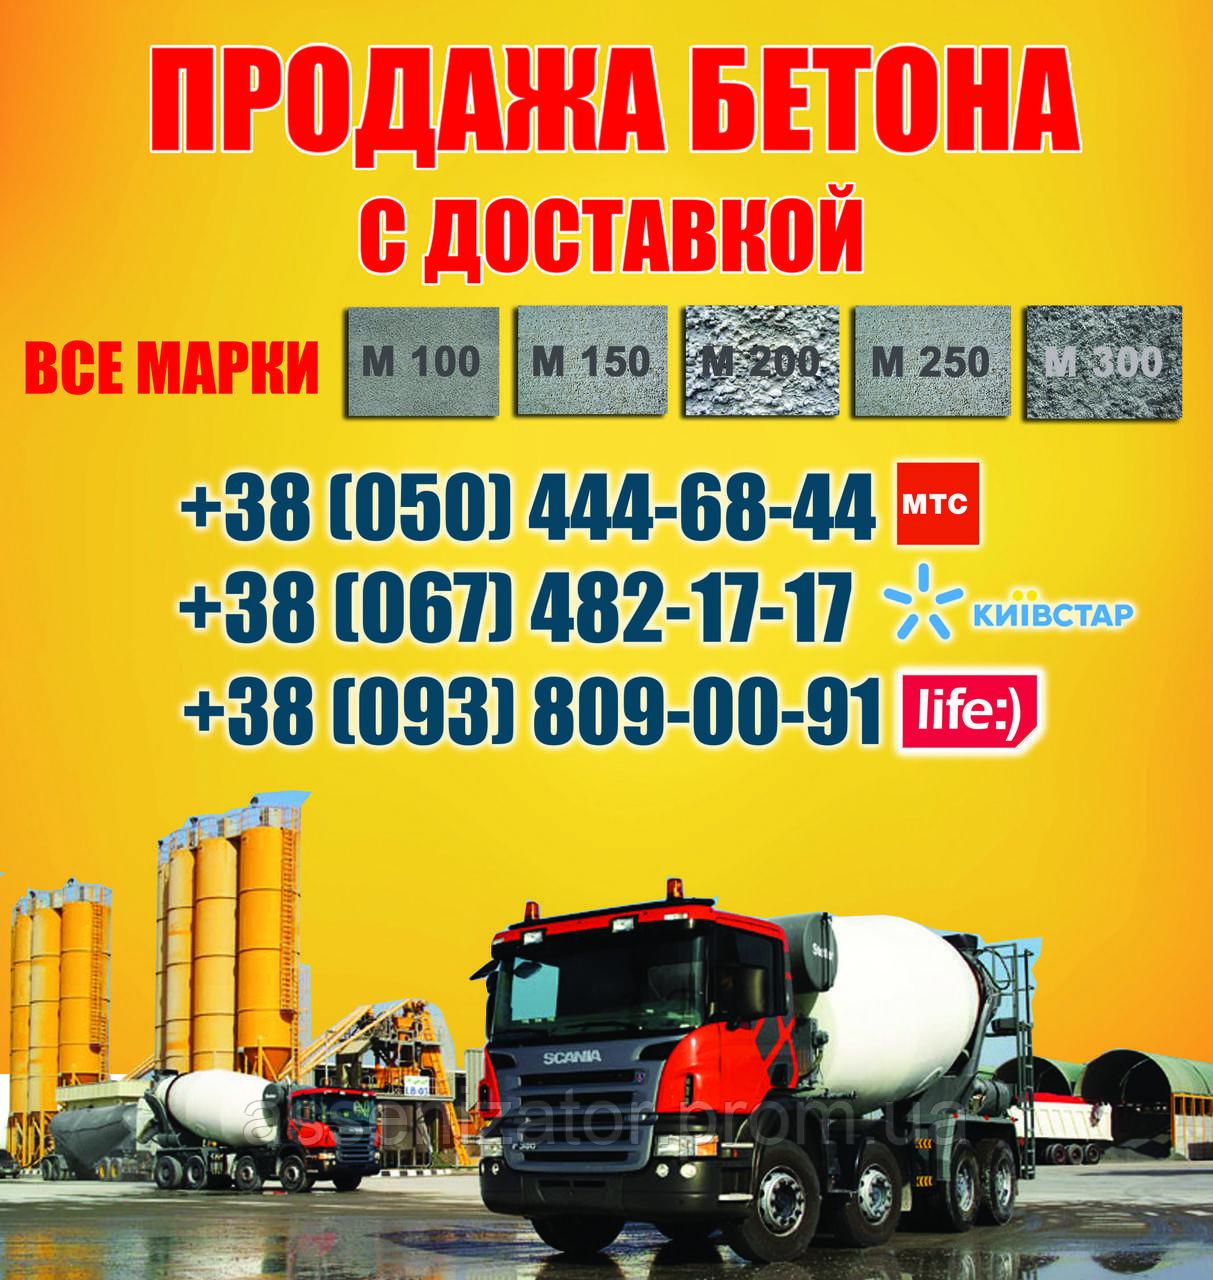 Купить бетон в Тернополе. Цена за куб бетона по Тернополю. Купить с доставкой бетон ТЕРНОПОЛЬ любую марку